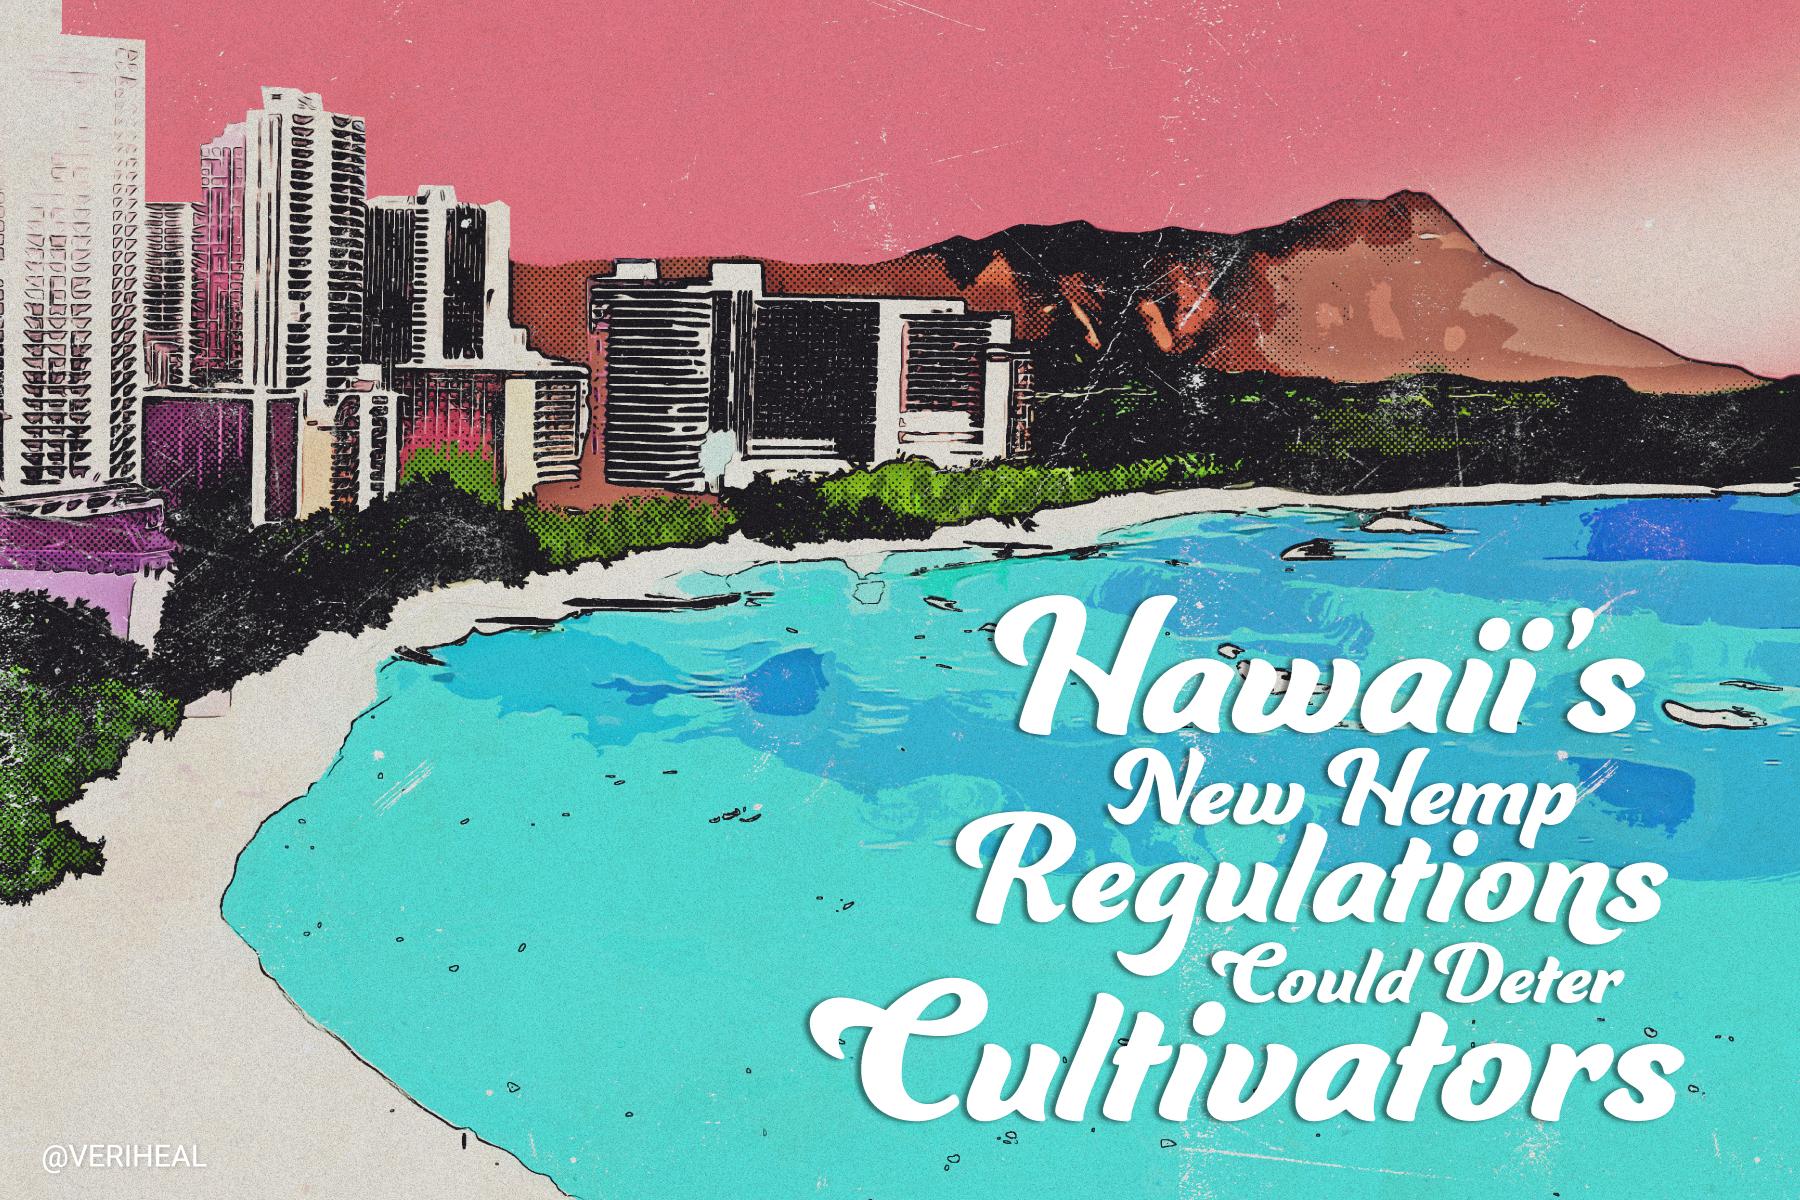 Hawaii's New Hemp Regulations Could Deter Cultivators